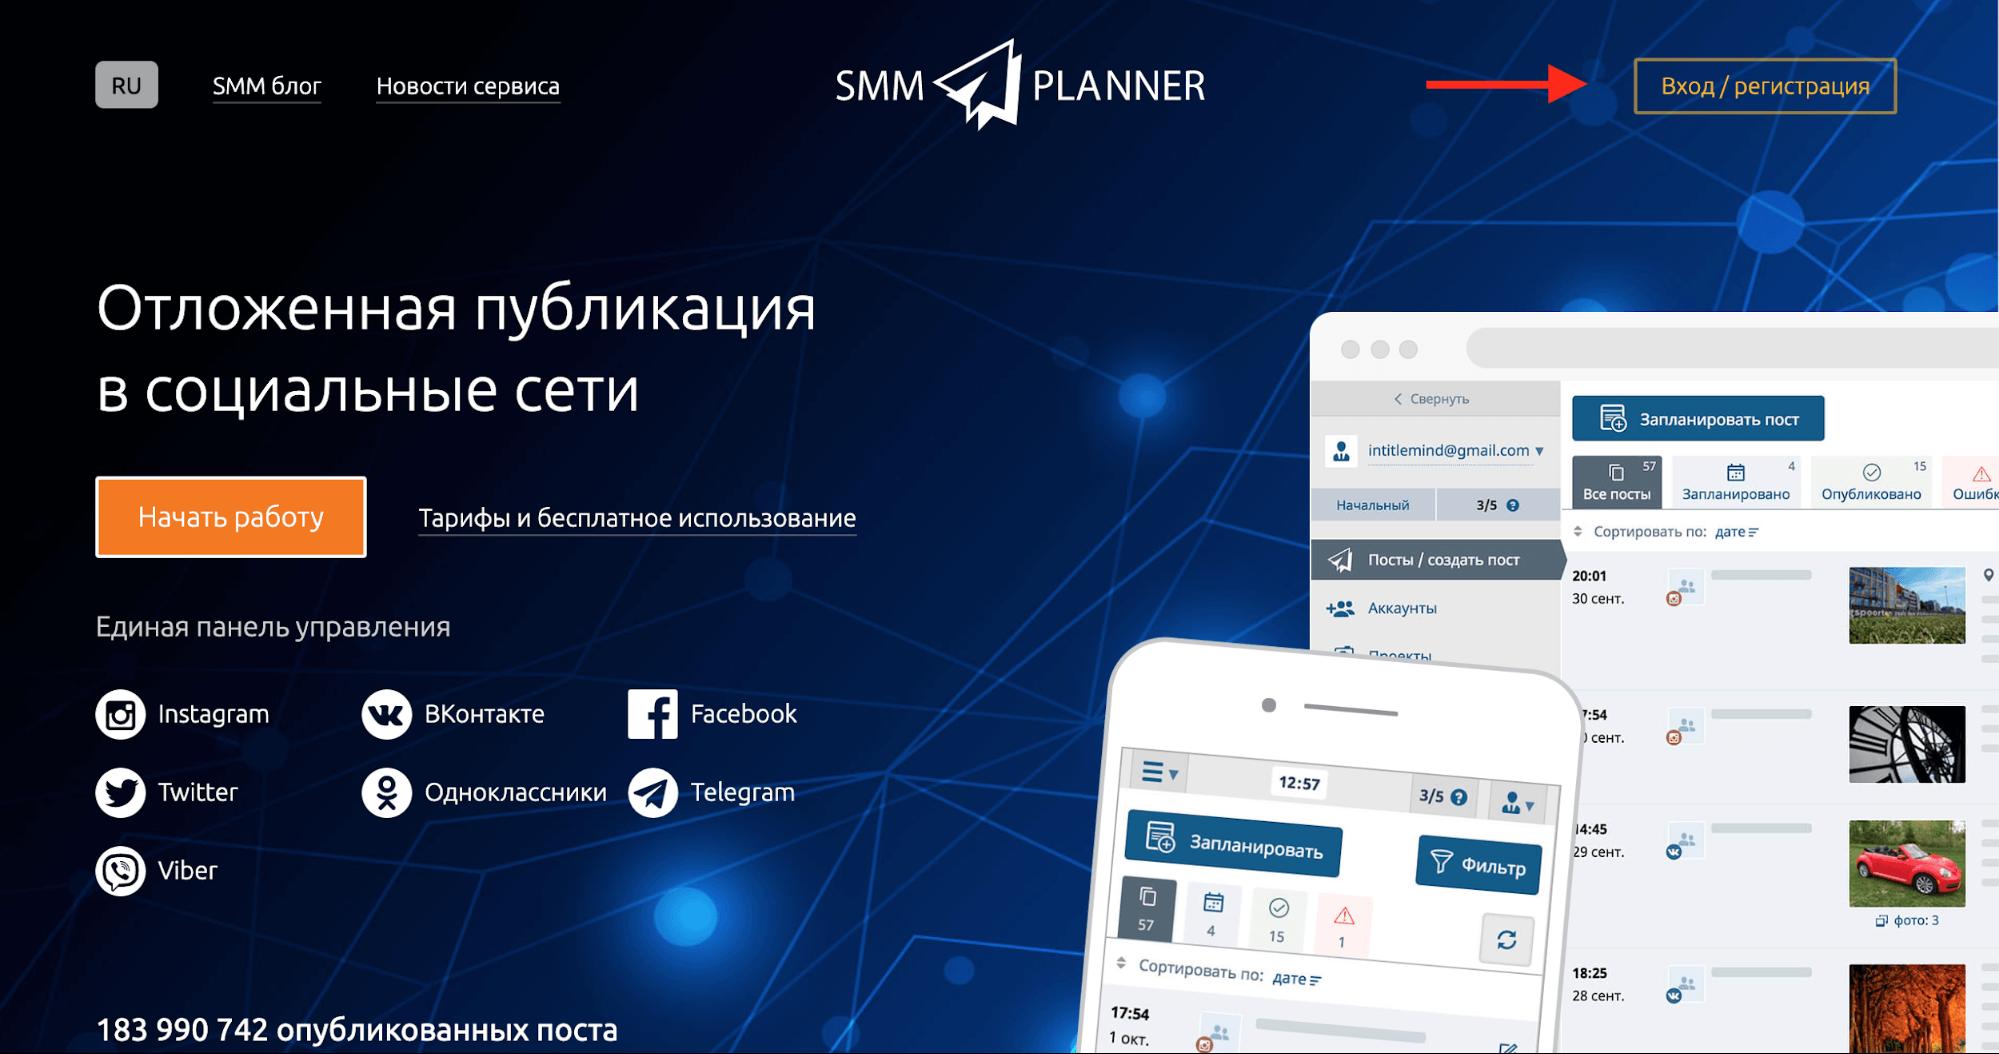 Сайт SMMplanner